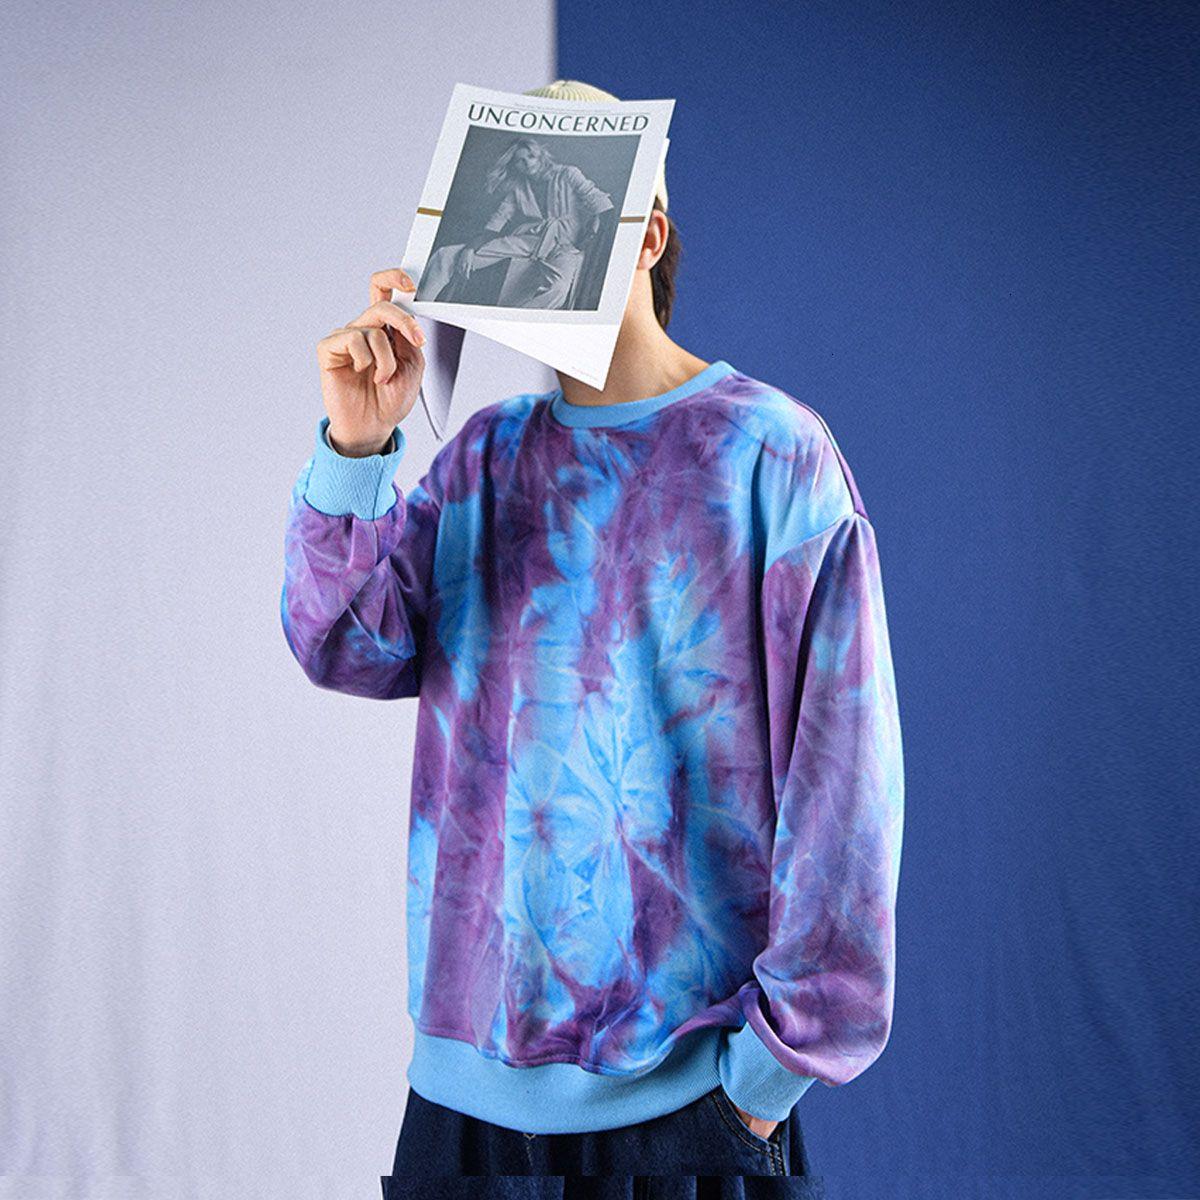 Privathinker Kravat Boya Kapşonlu Tişörtü Erkekler Boy Vintage Baggy Hoodies Kpop Streetwear Erkek Hoodies Kazak Erkekler Giyim Y0111